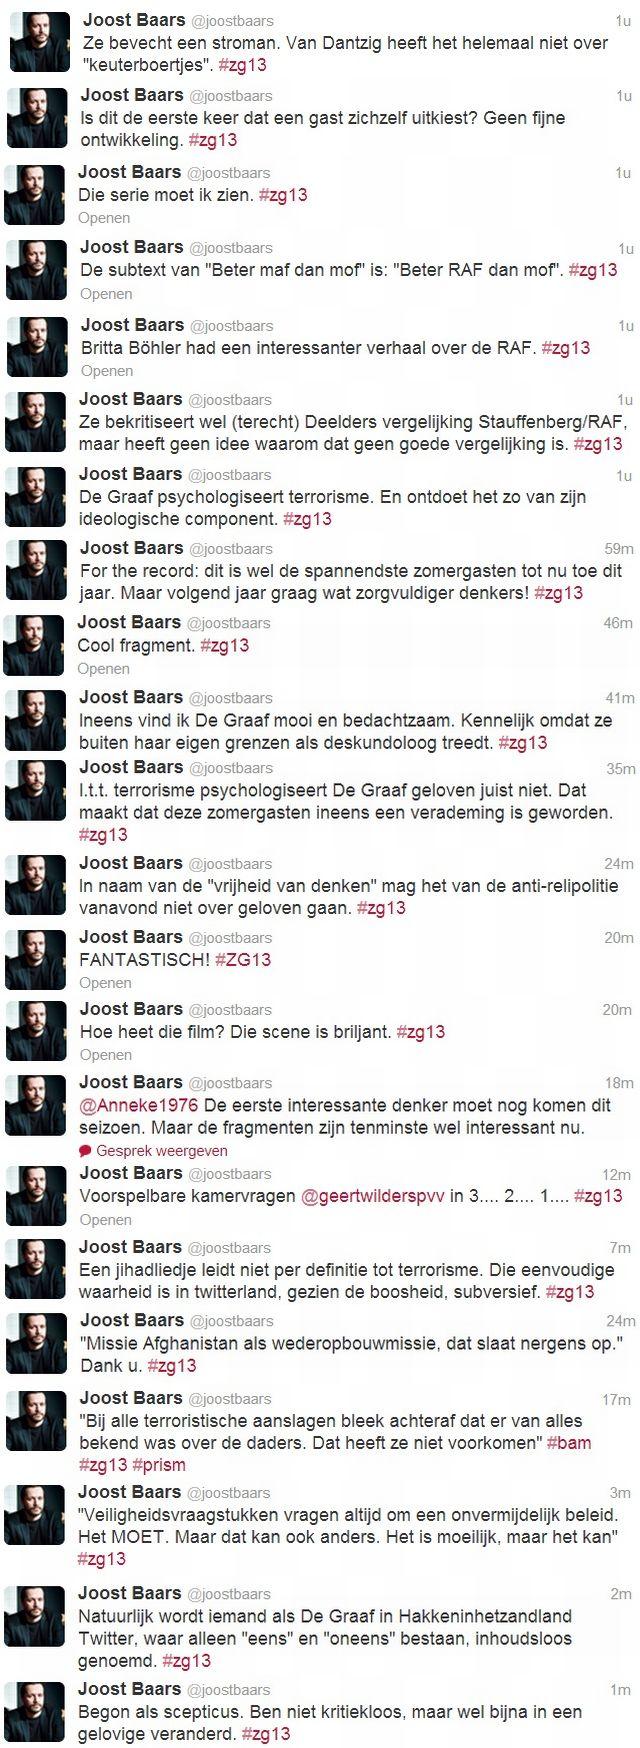 joost Baars over Beatrice de Graaf